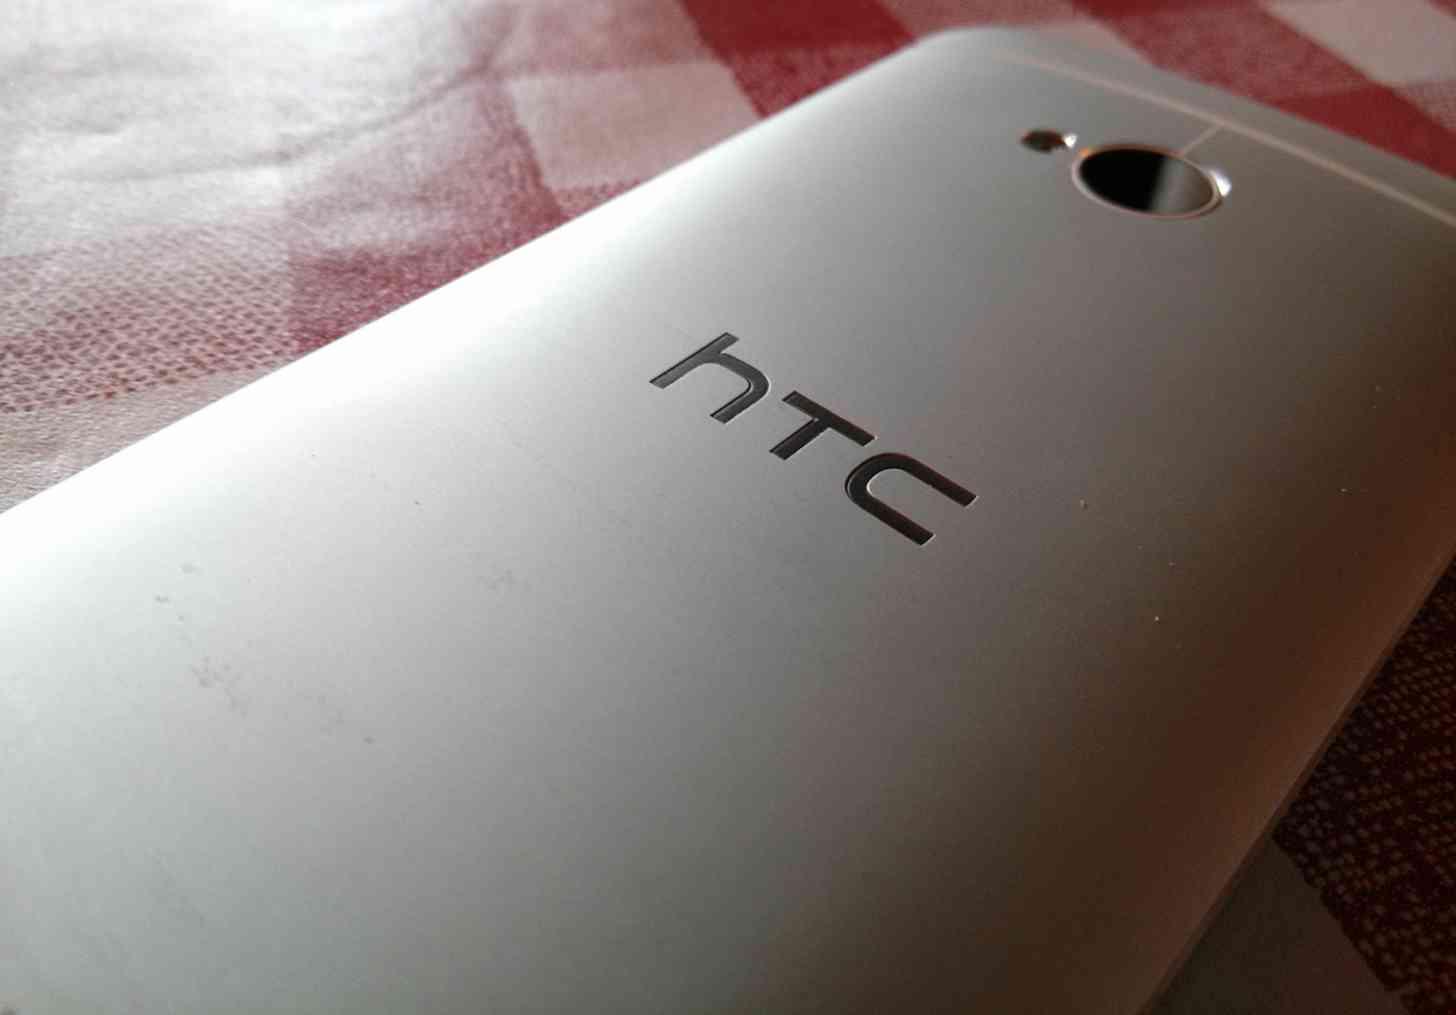 HTC One M7 rear